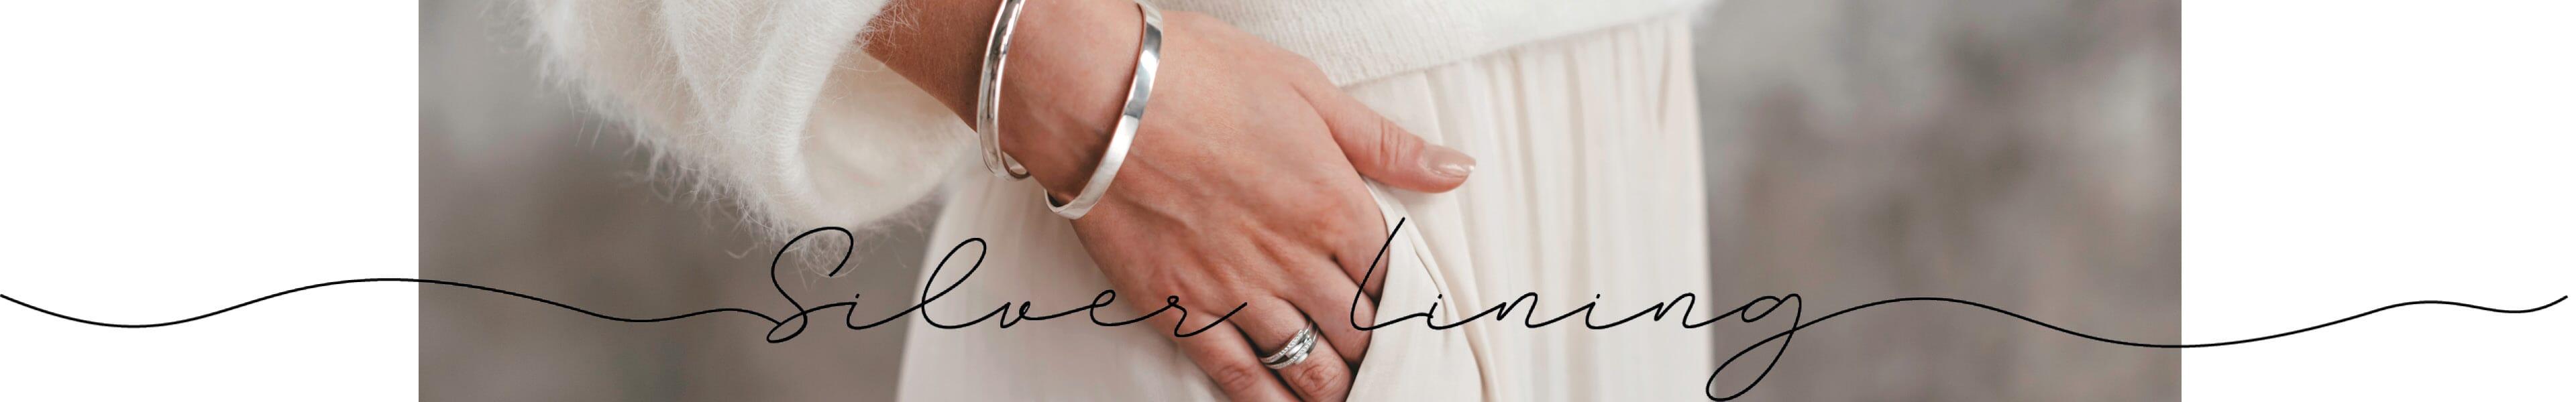 Silver Lining Armbanden